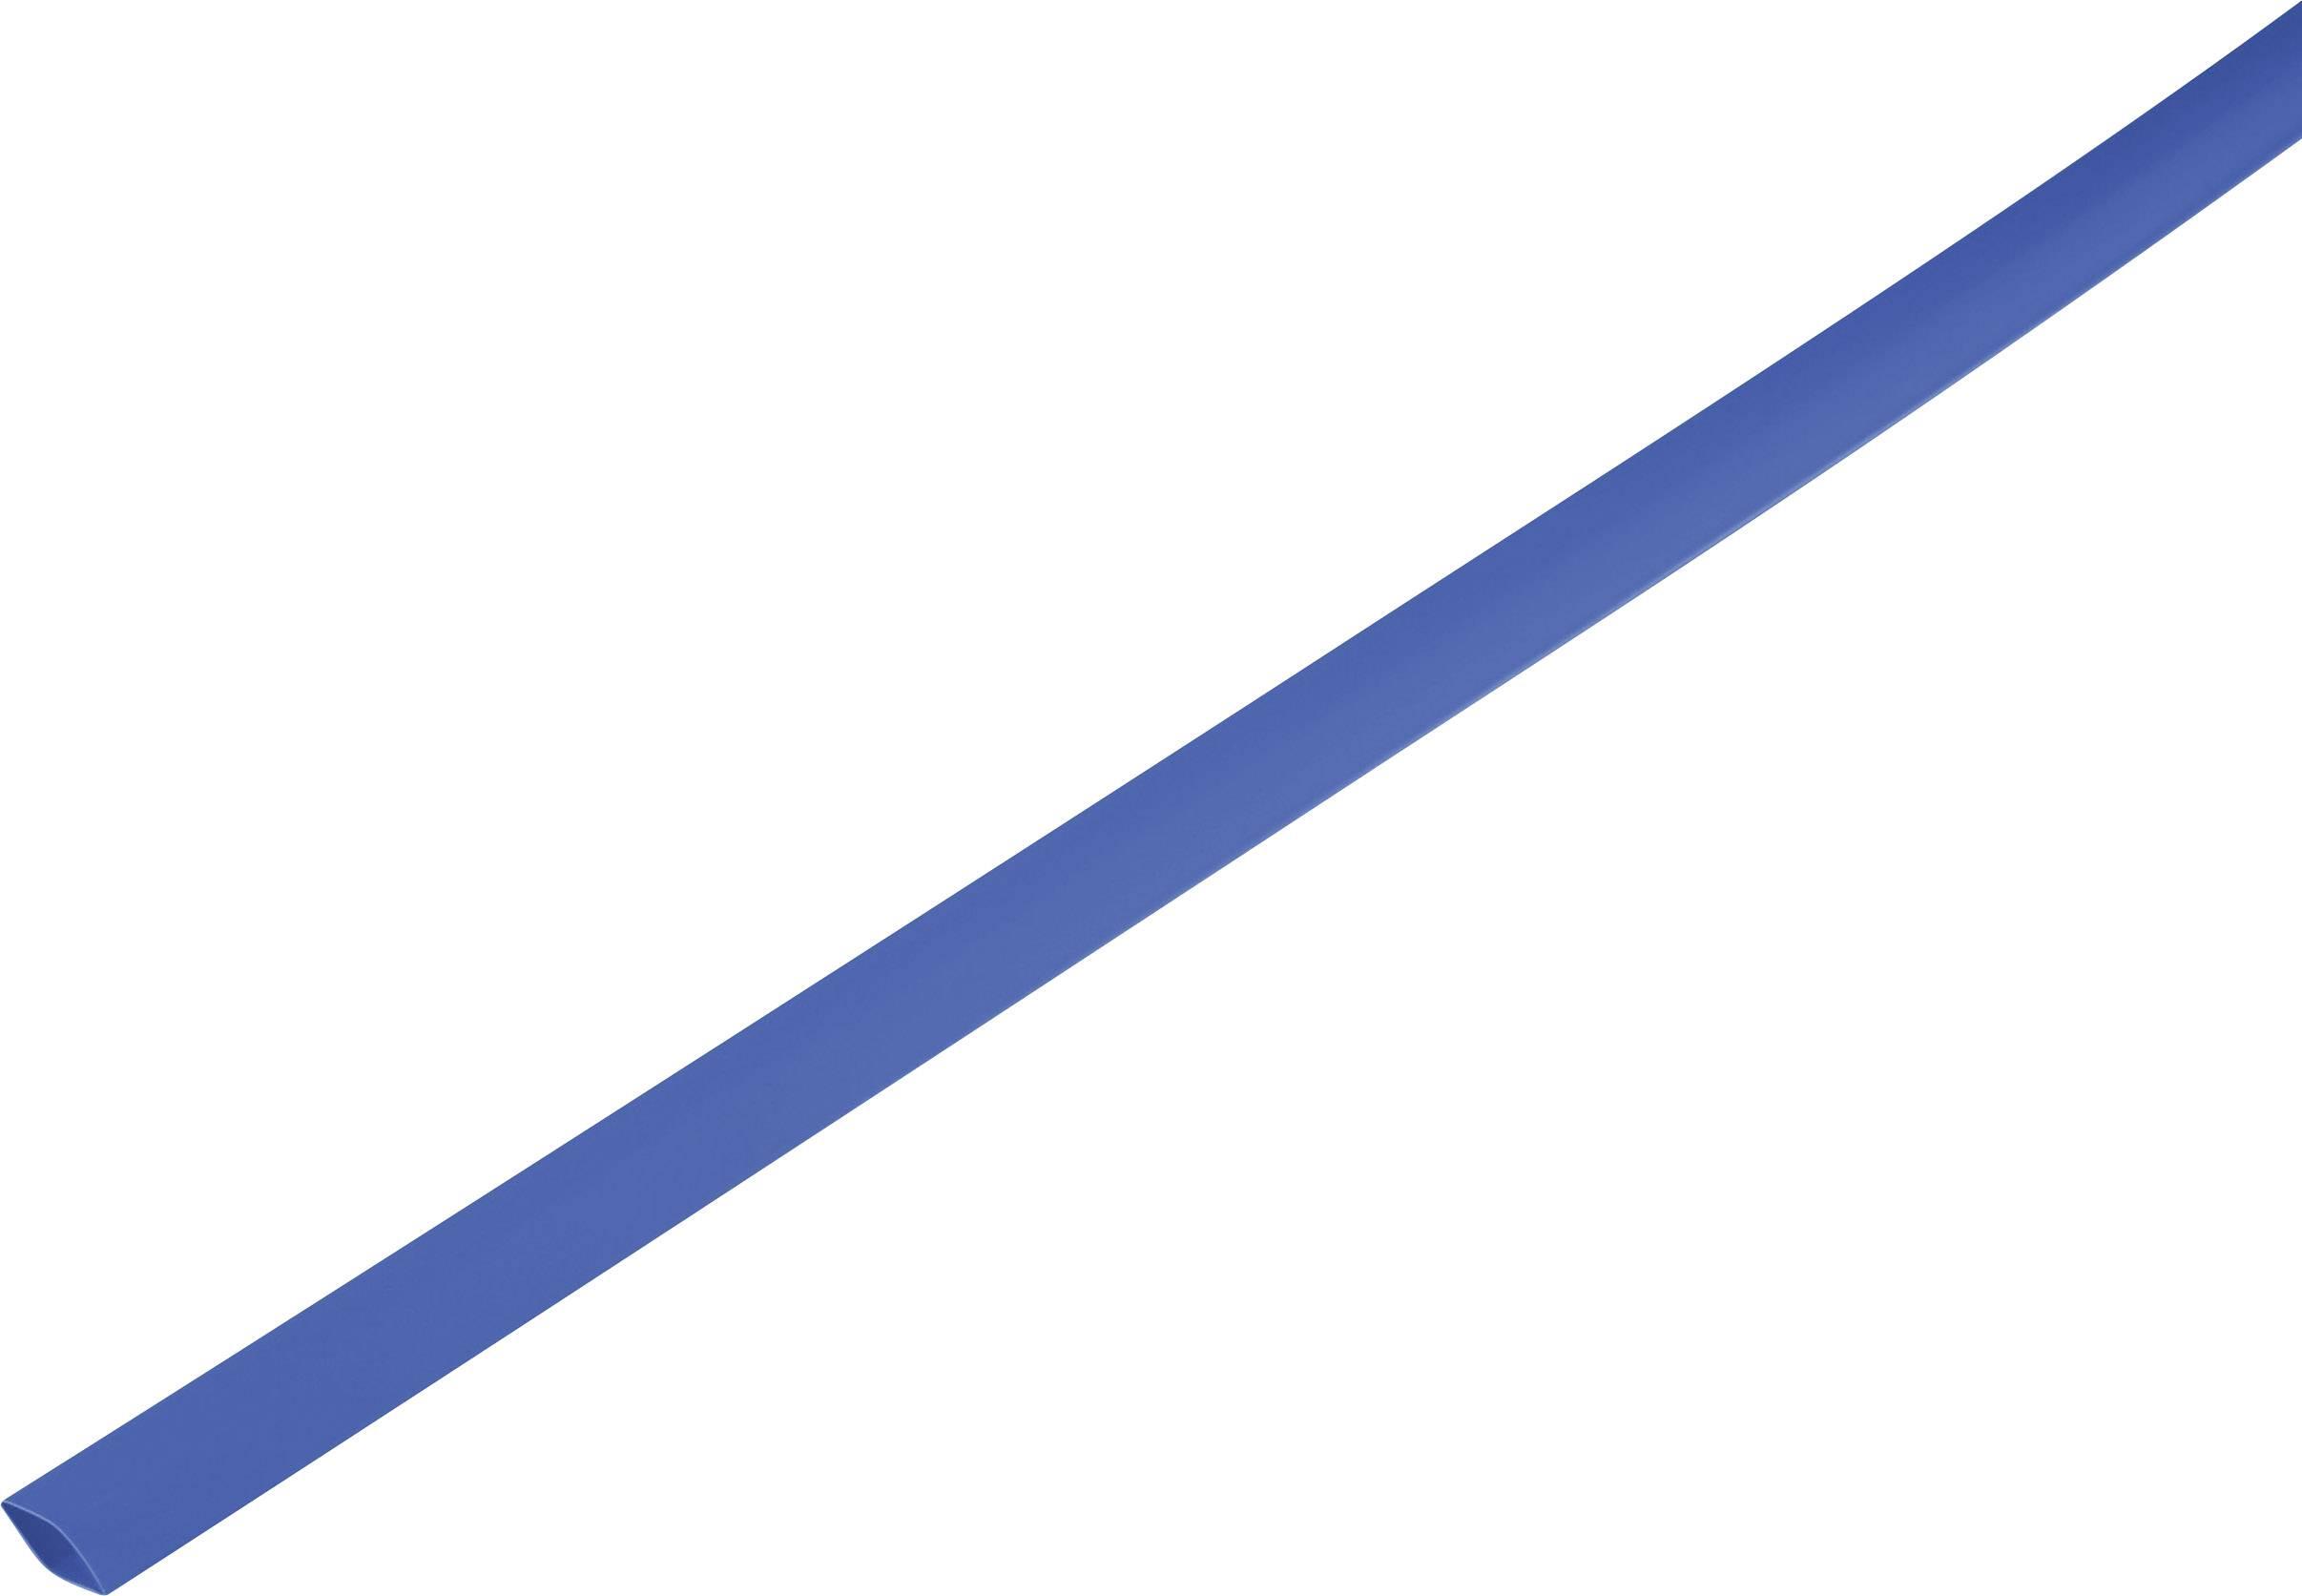 Smršťovací bužírka bez lepidla 1225516 2:1, -55 až +125 °C, 12.70 mm, modrá, metrové zboží